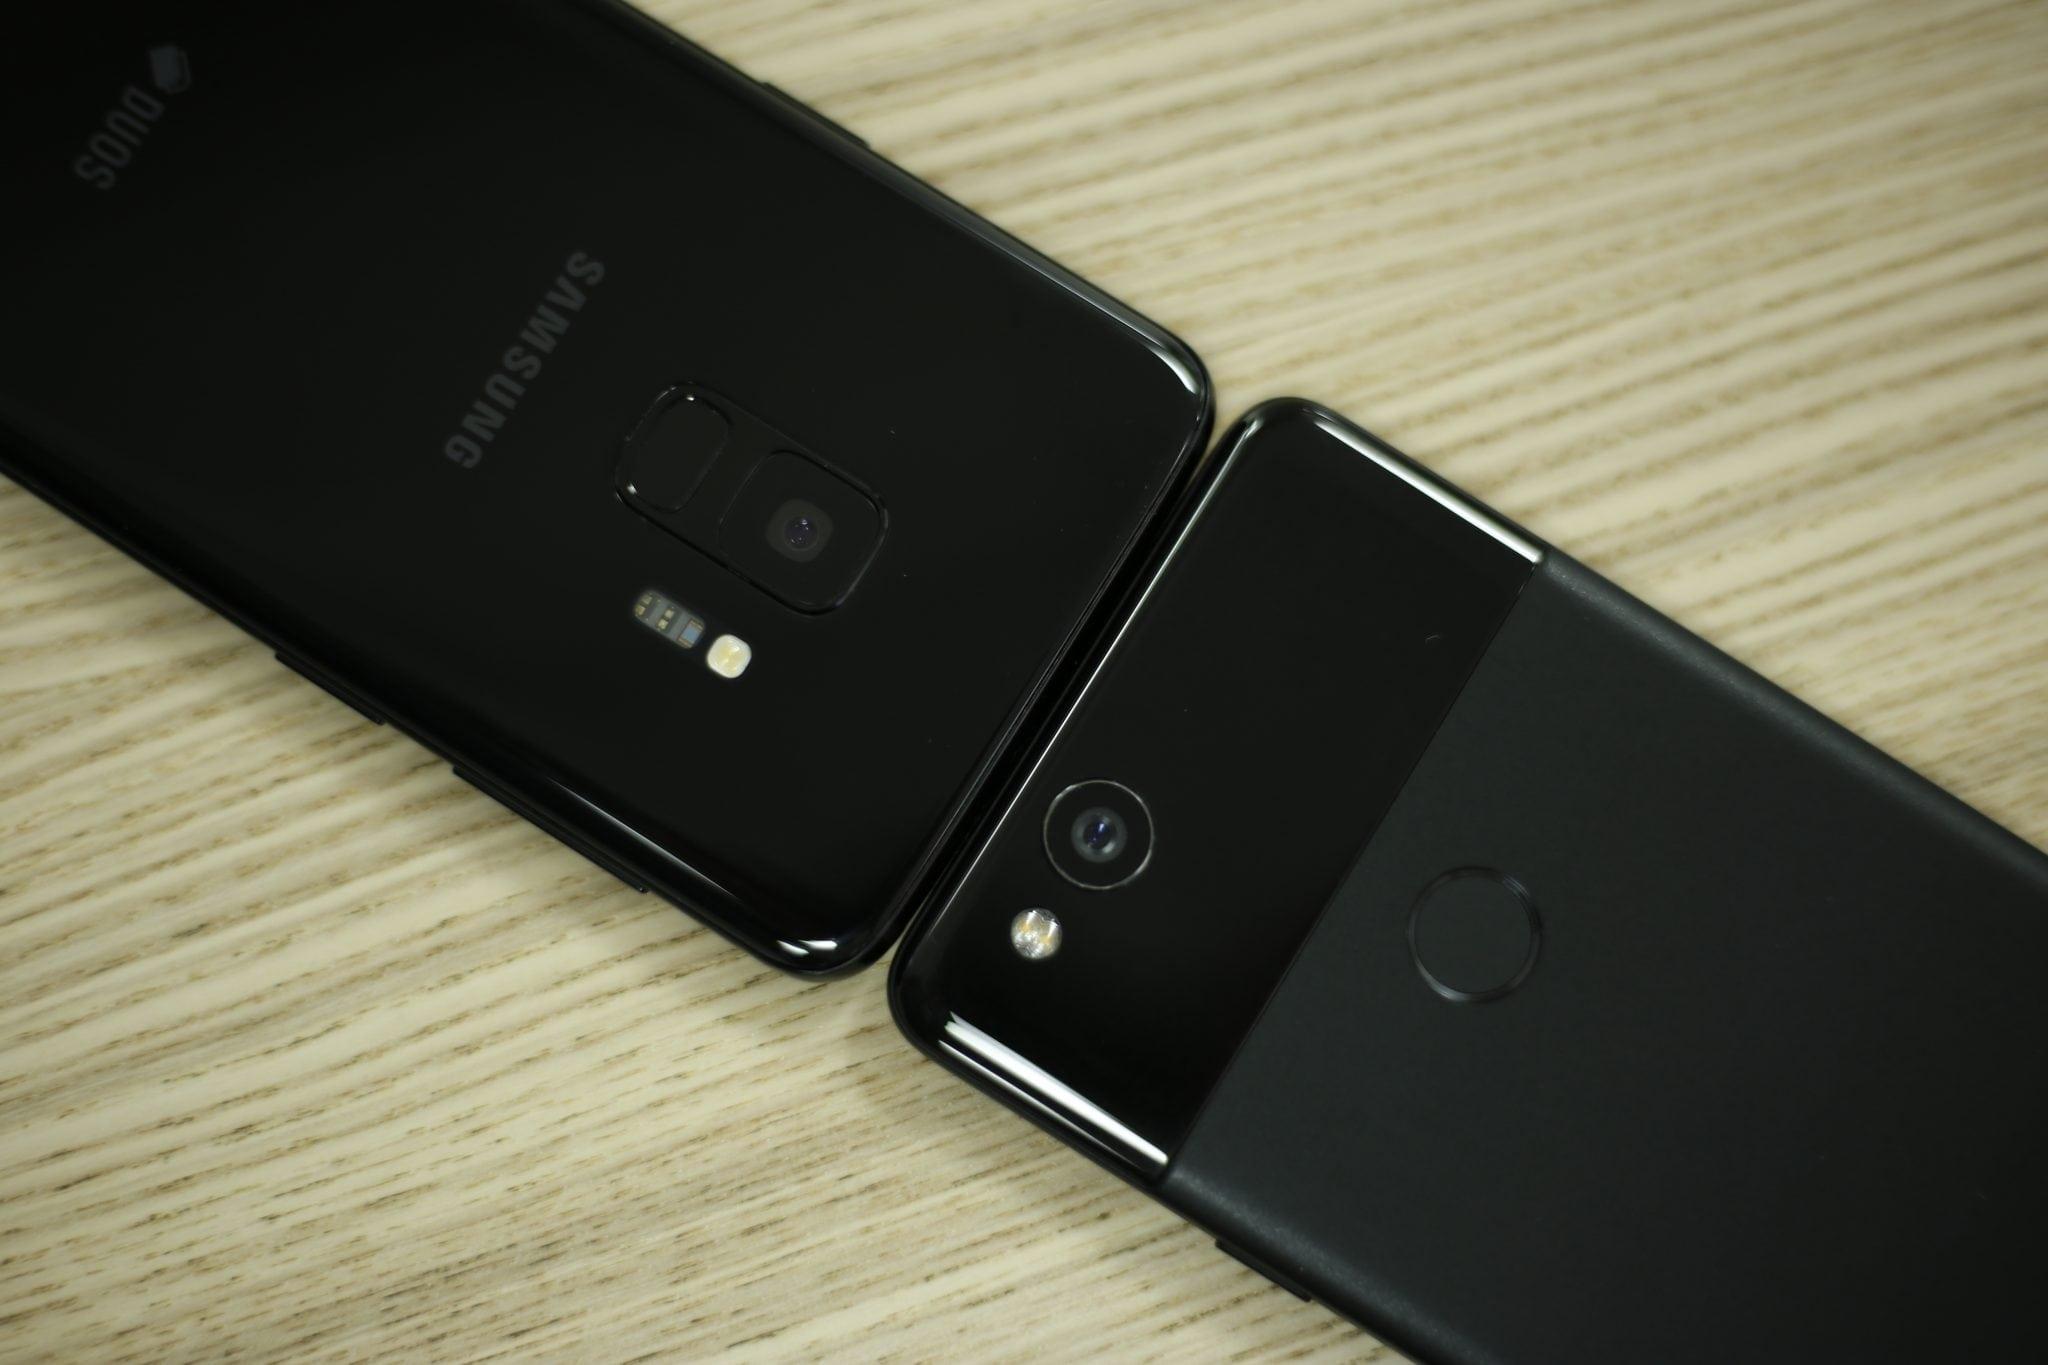 Google Pixel 2 Vs Samsung S9 Camera (5) أفضل كاميرا